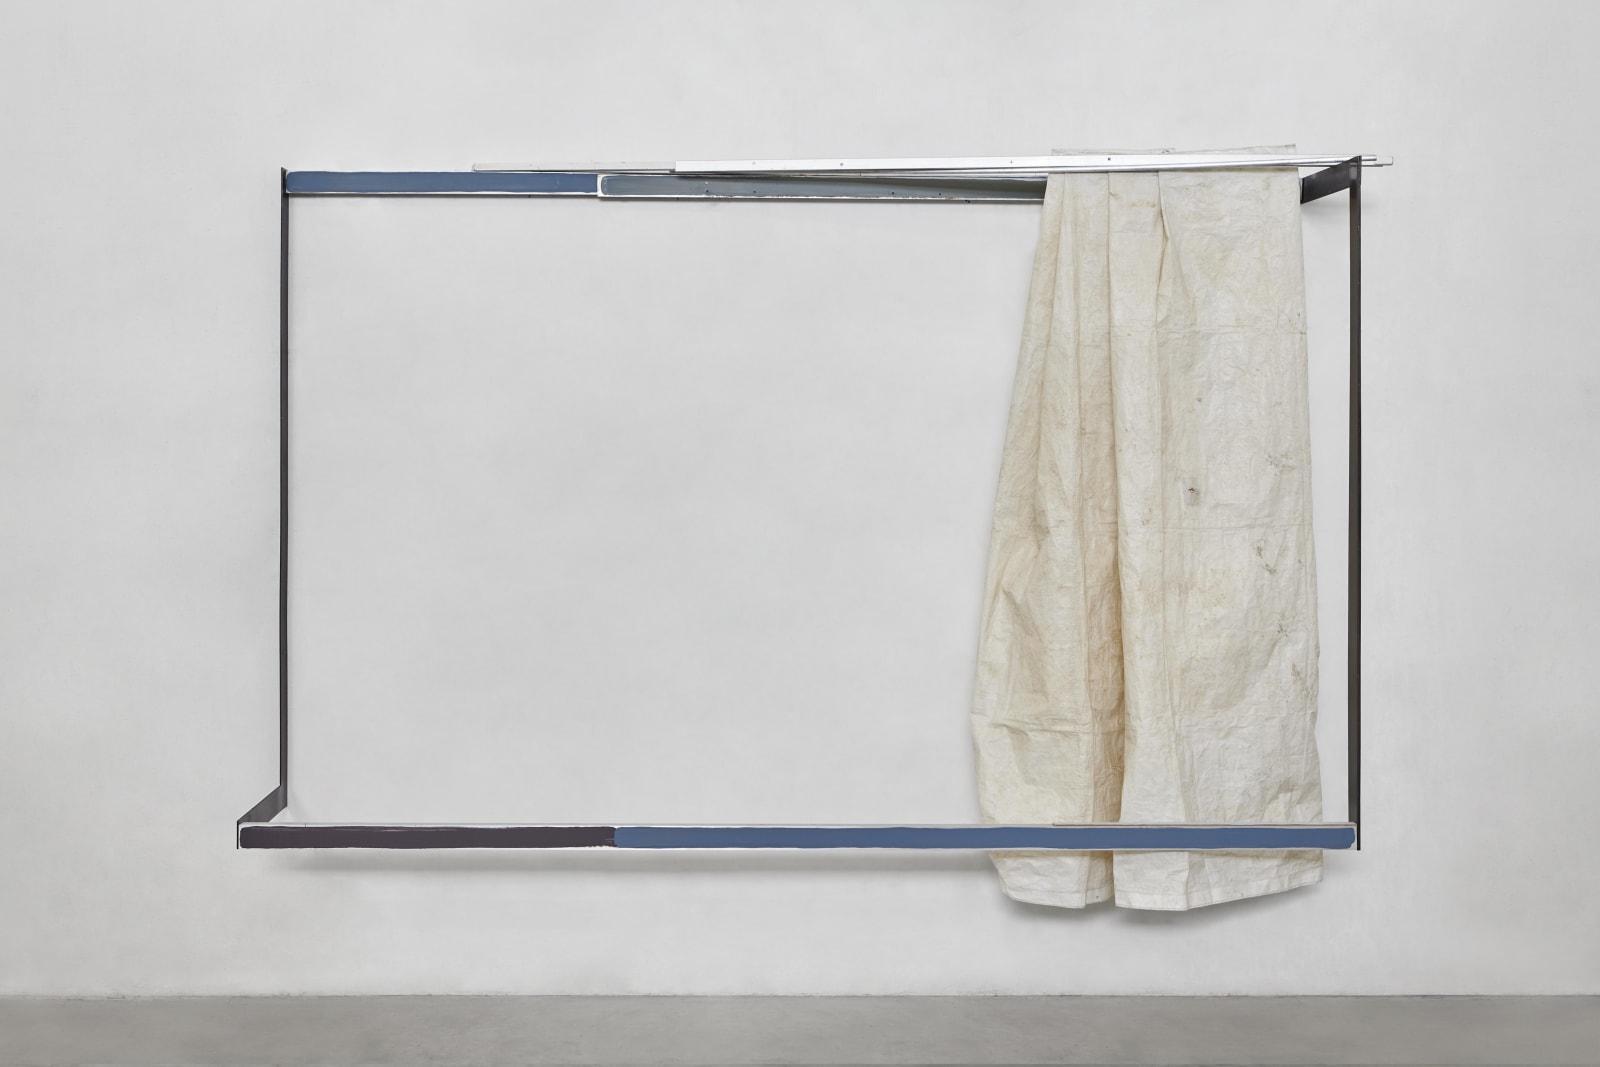 Fabrizio Prevedello Accumulazione per scomparsa (Offenbach) (283), 2020